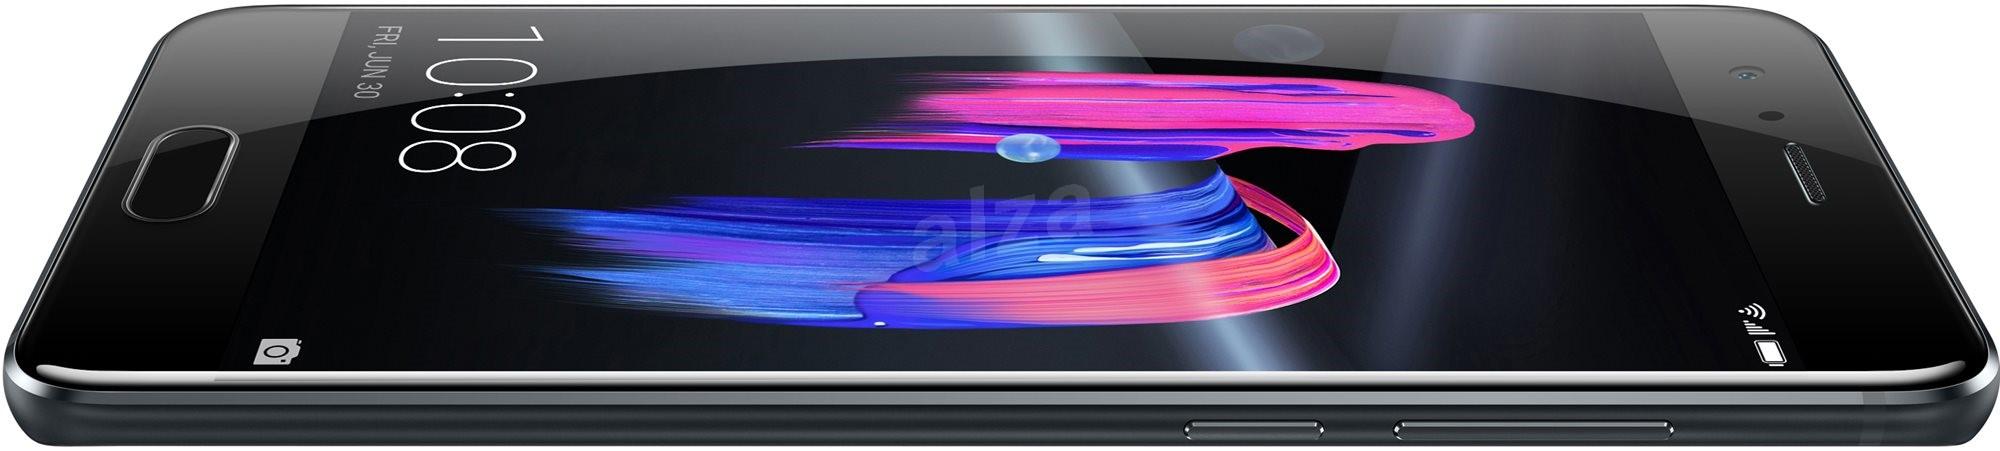 Автомагнитолы и устройства на Android - 4PDA